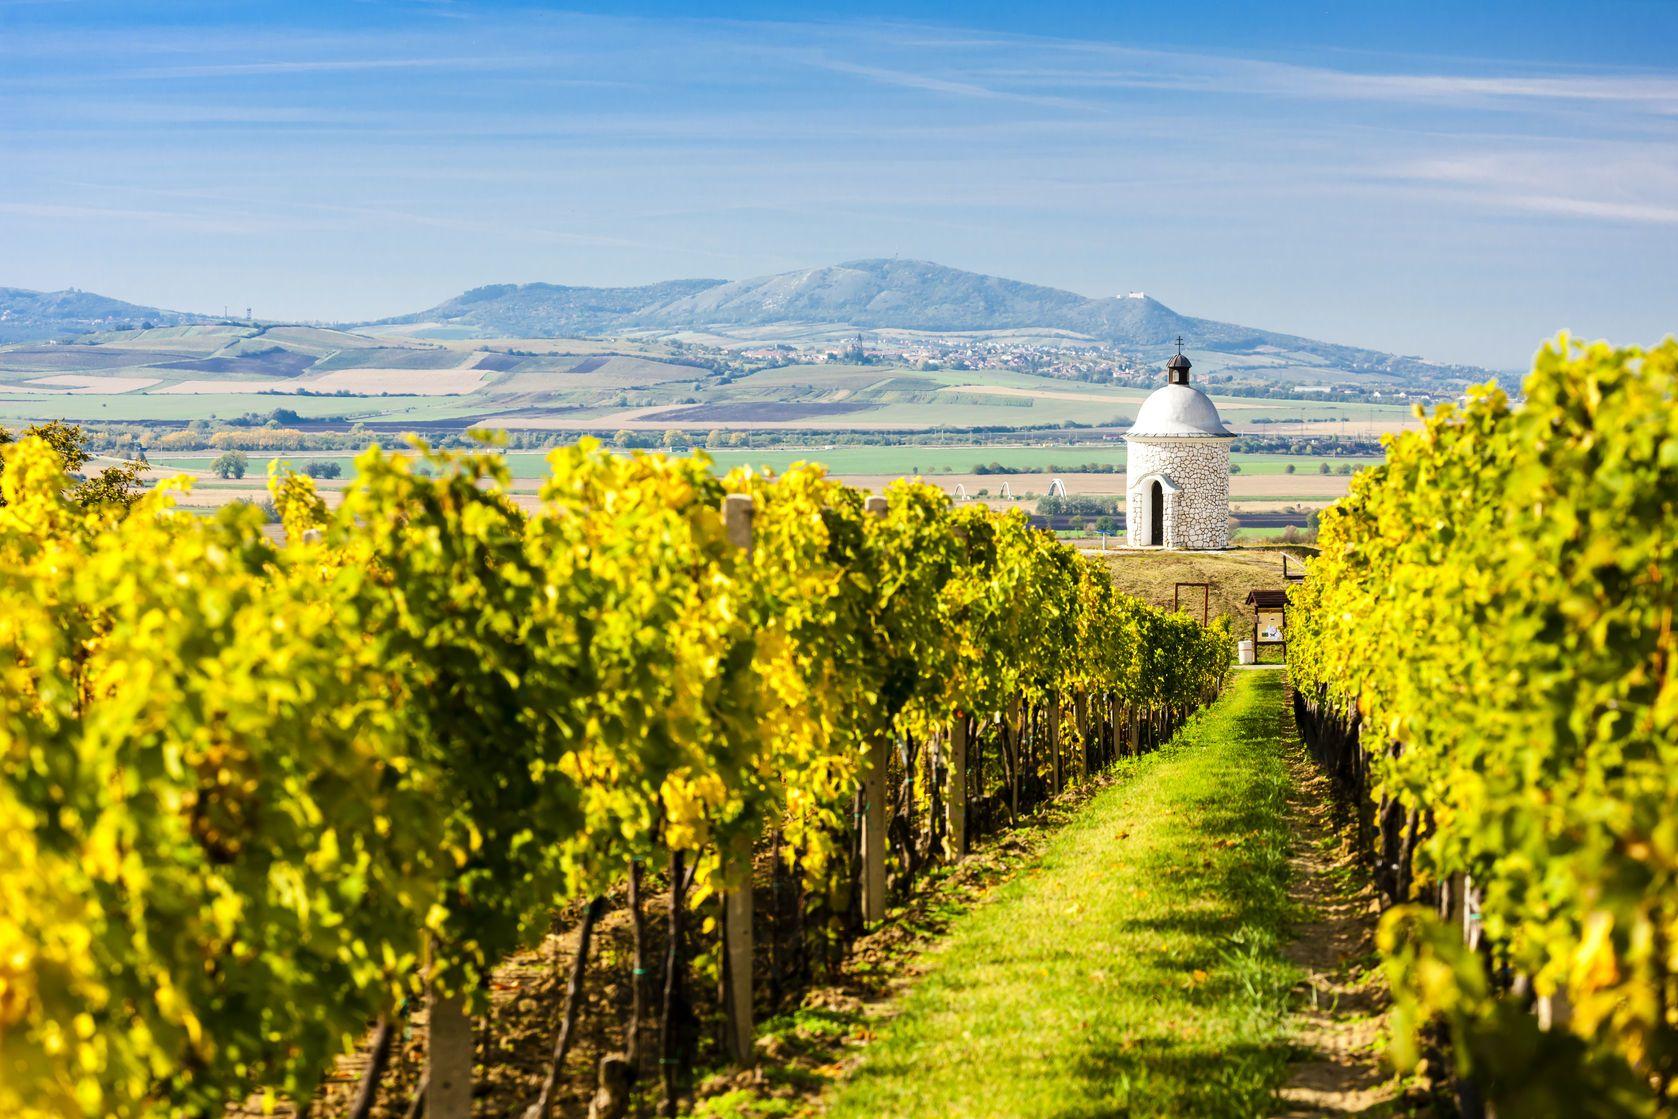 Kaple s vinicí v blízkosti Velkých Bílovic v České republice | phbcz/123RF.com